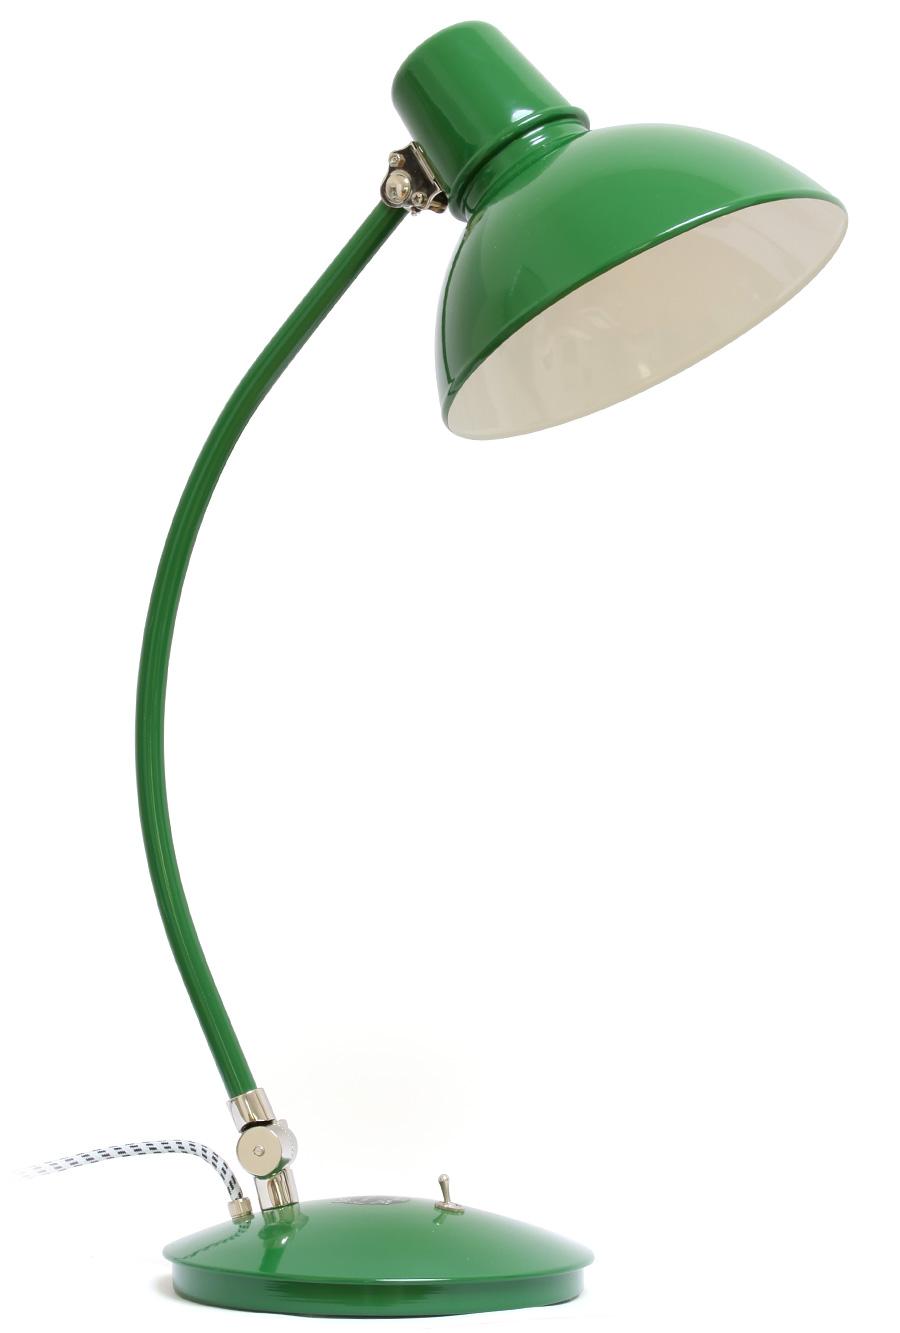 Grüne Schreibtischleuchte im Bauhaus-Stil